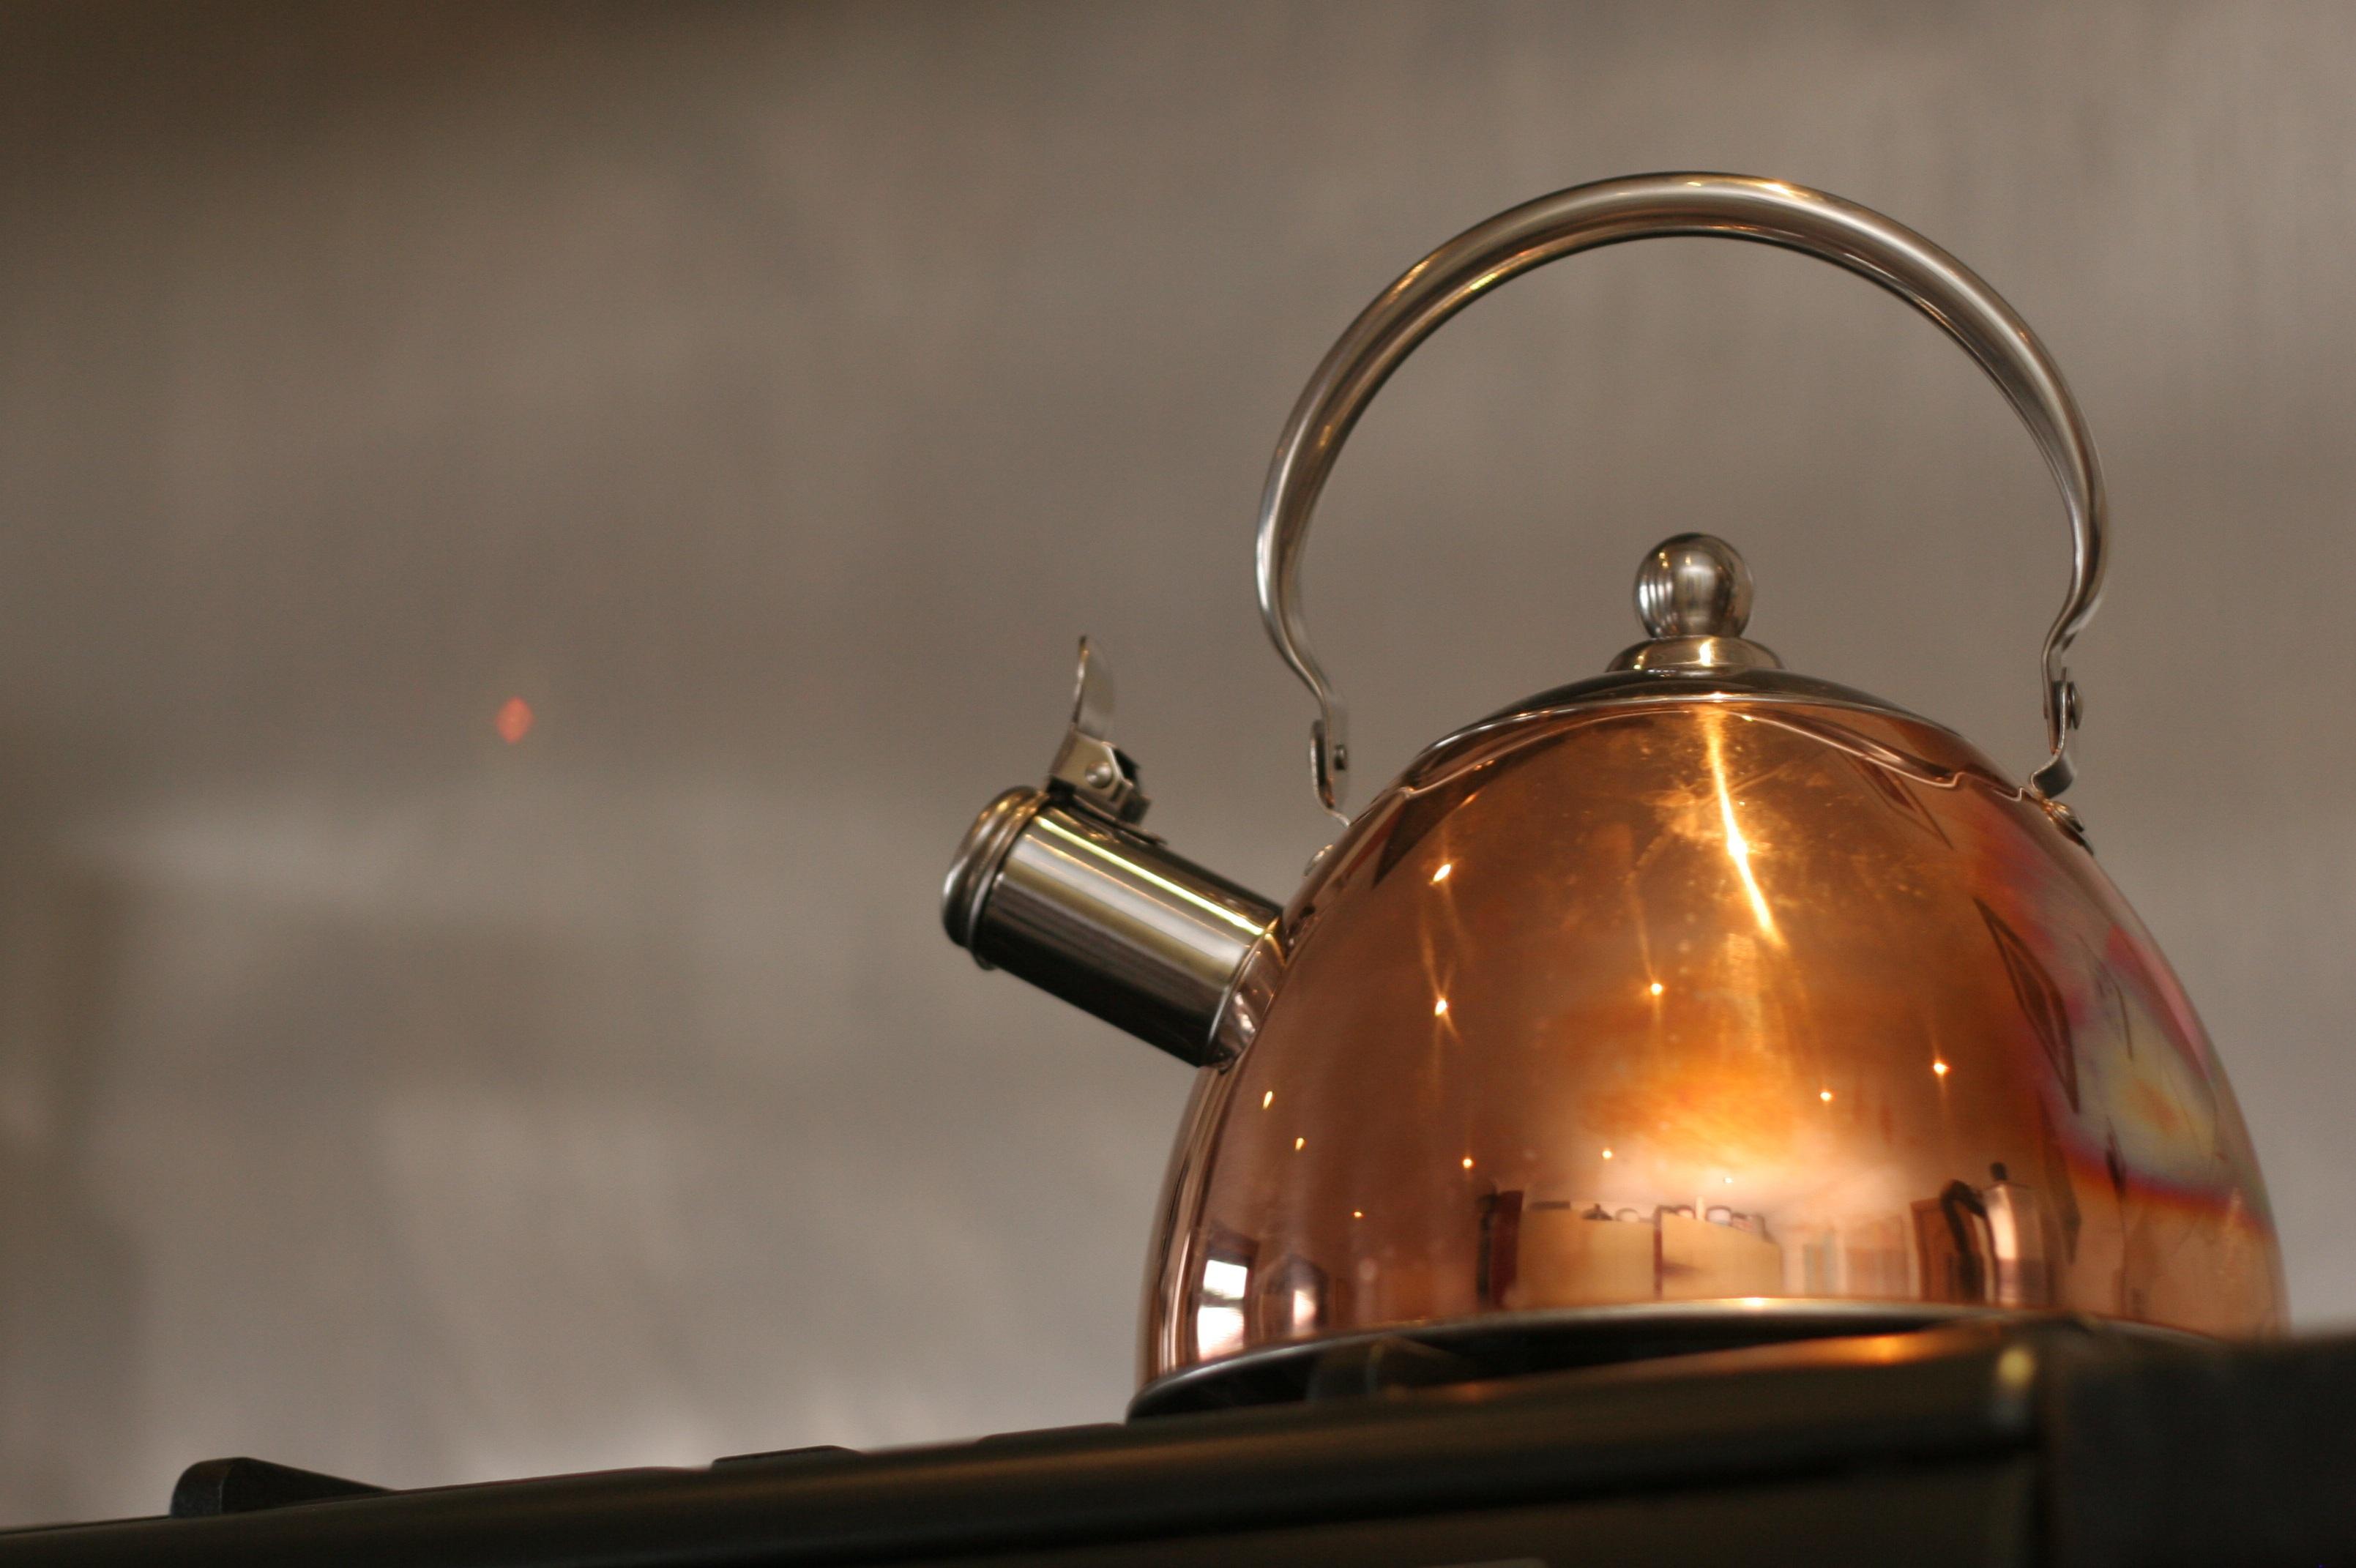 Kostenlose foto : Wasser, Licht, Dampf, Kessel, Metall, Küche ...